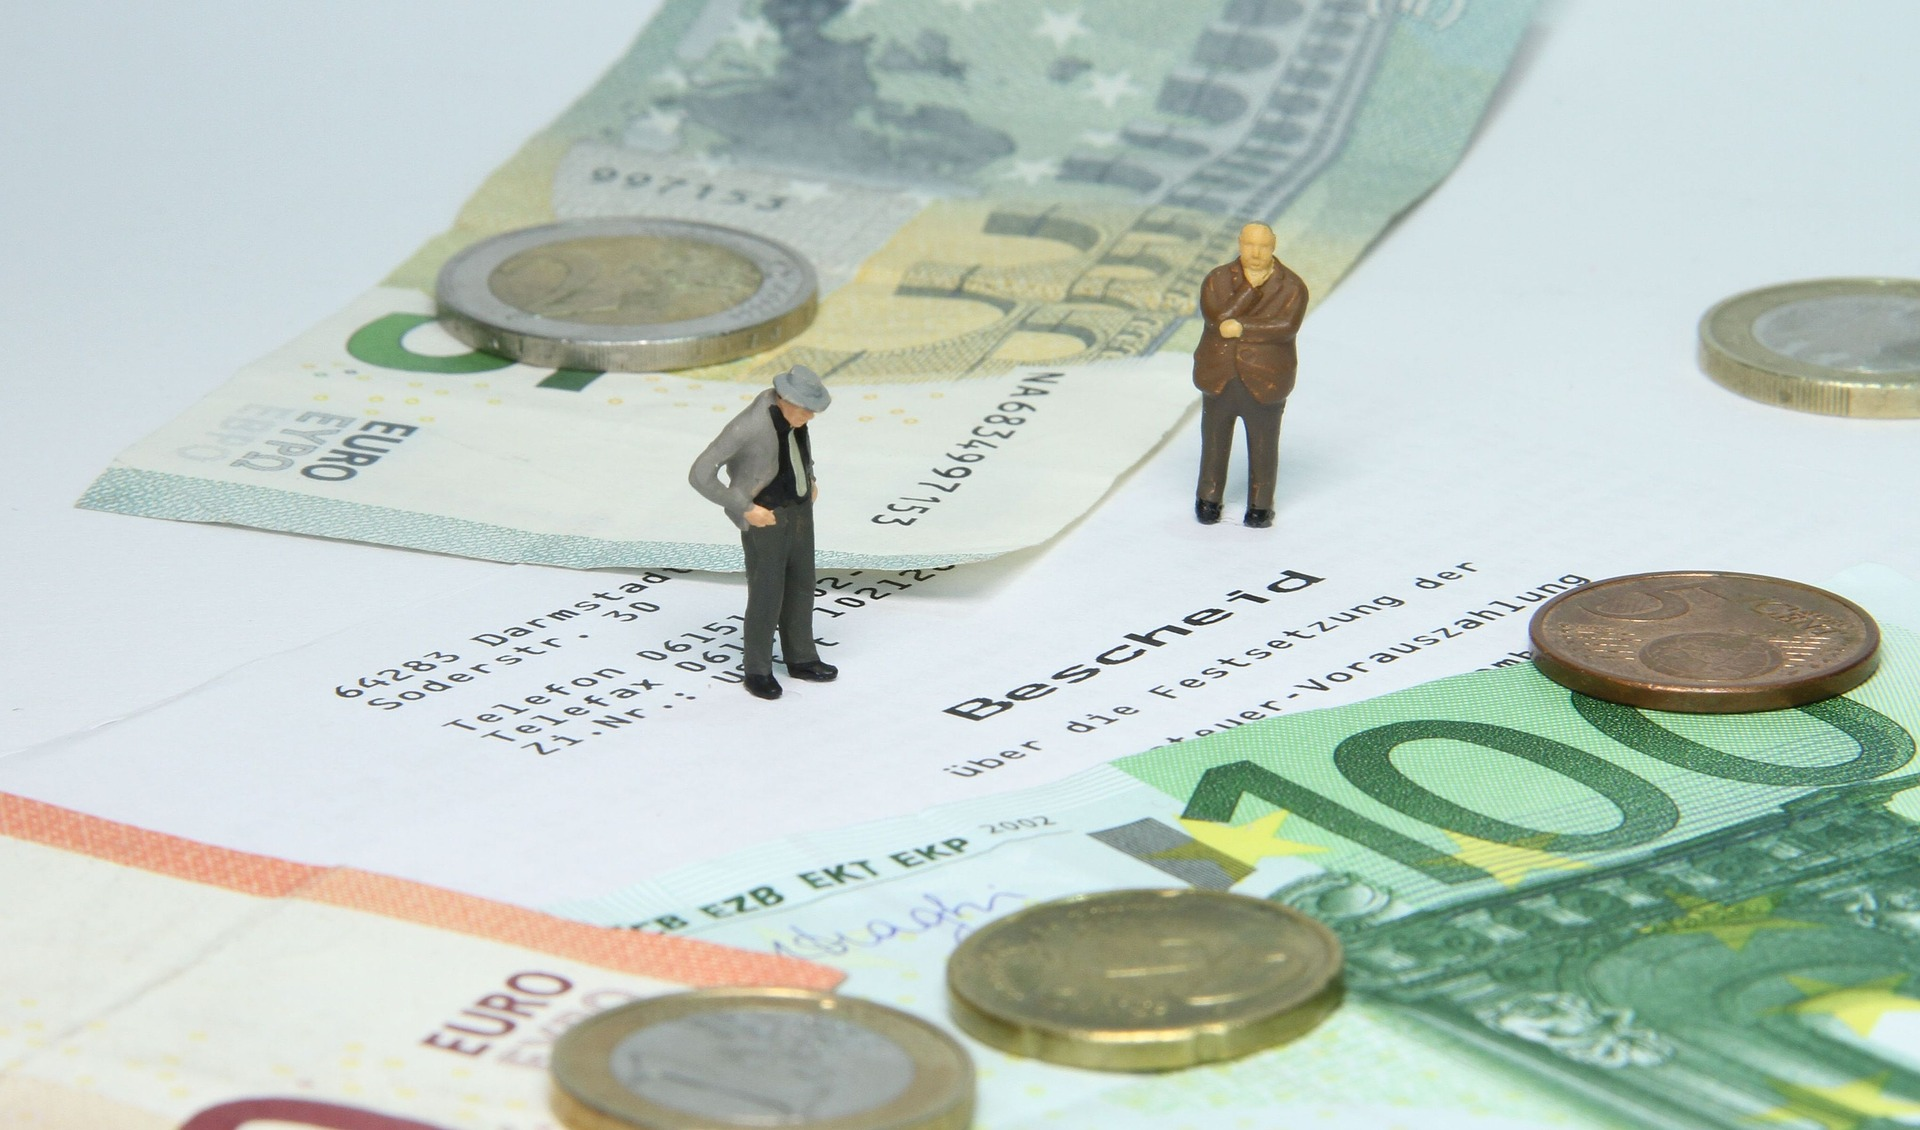 税理士が教える税金講座! 【第4回】フリーランスが確定申告を行うにあたって注意すべきこと